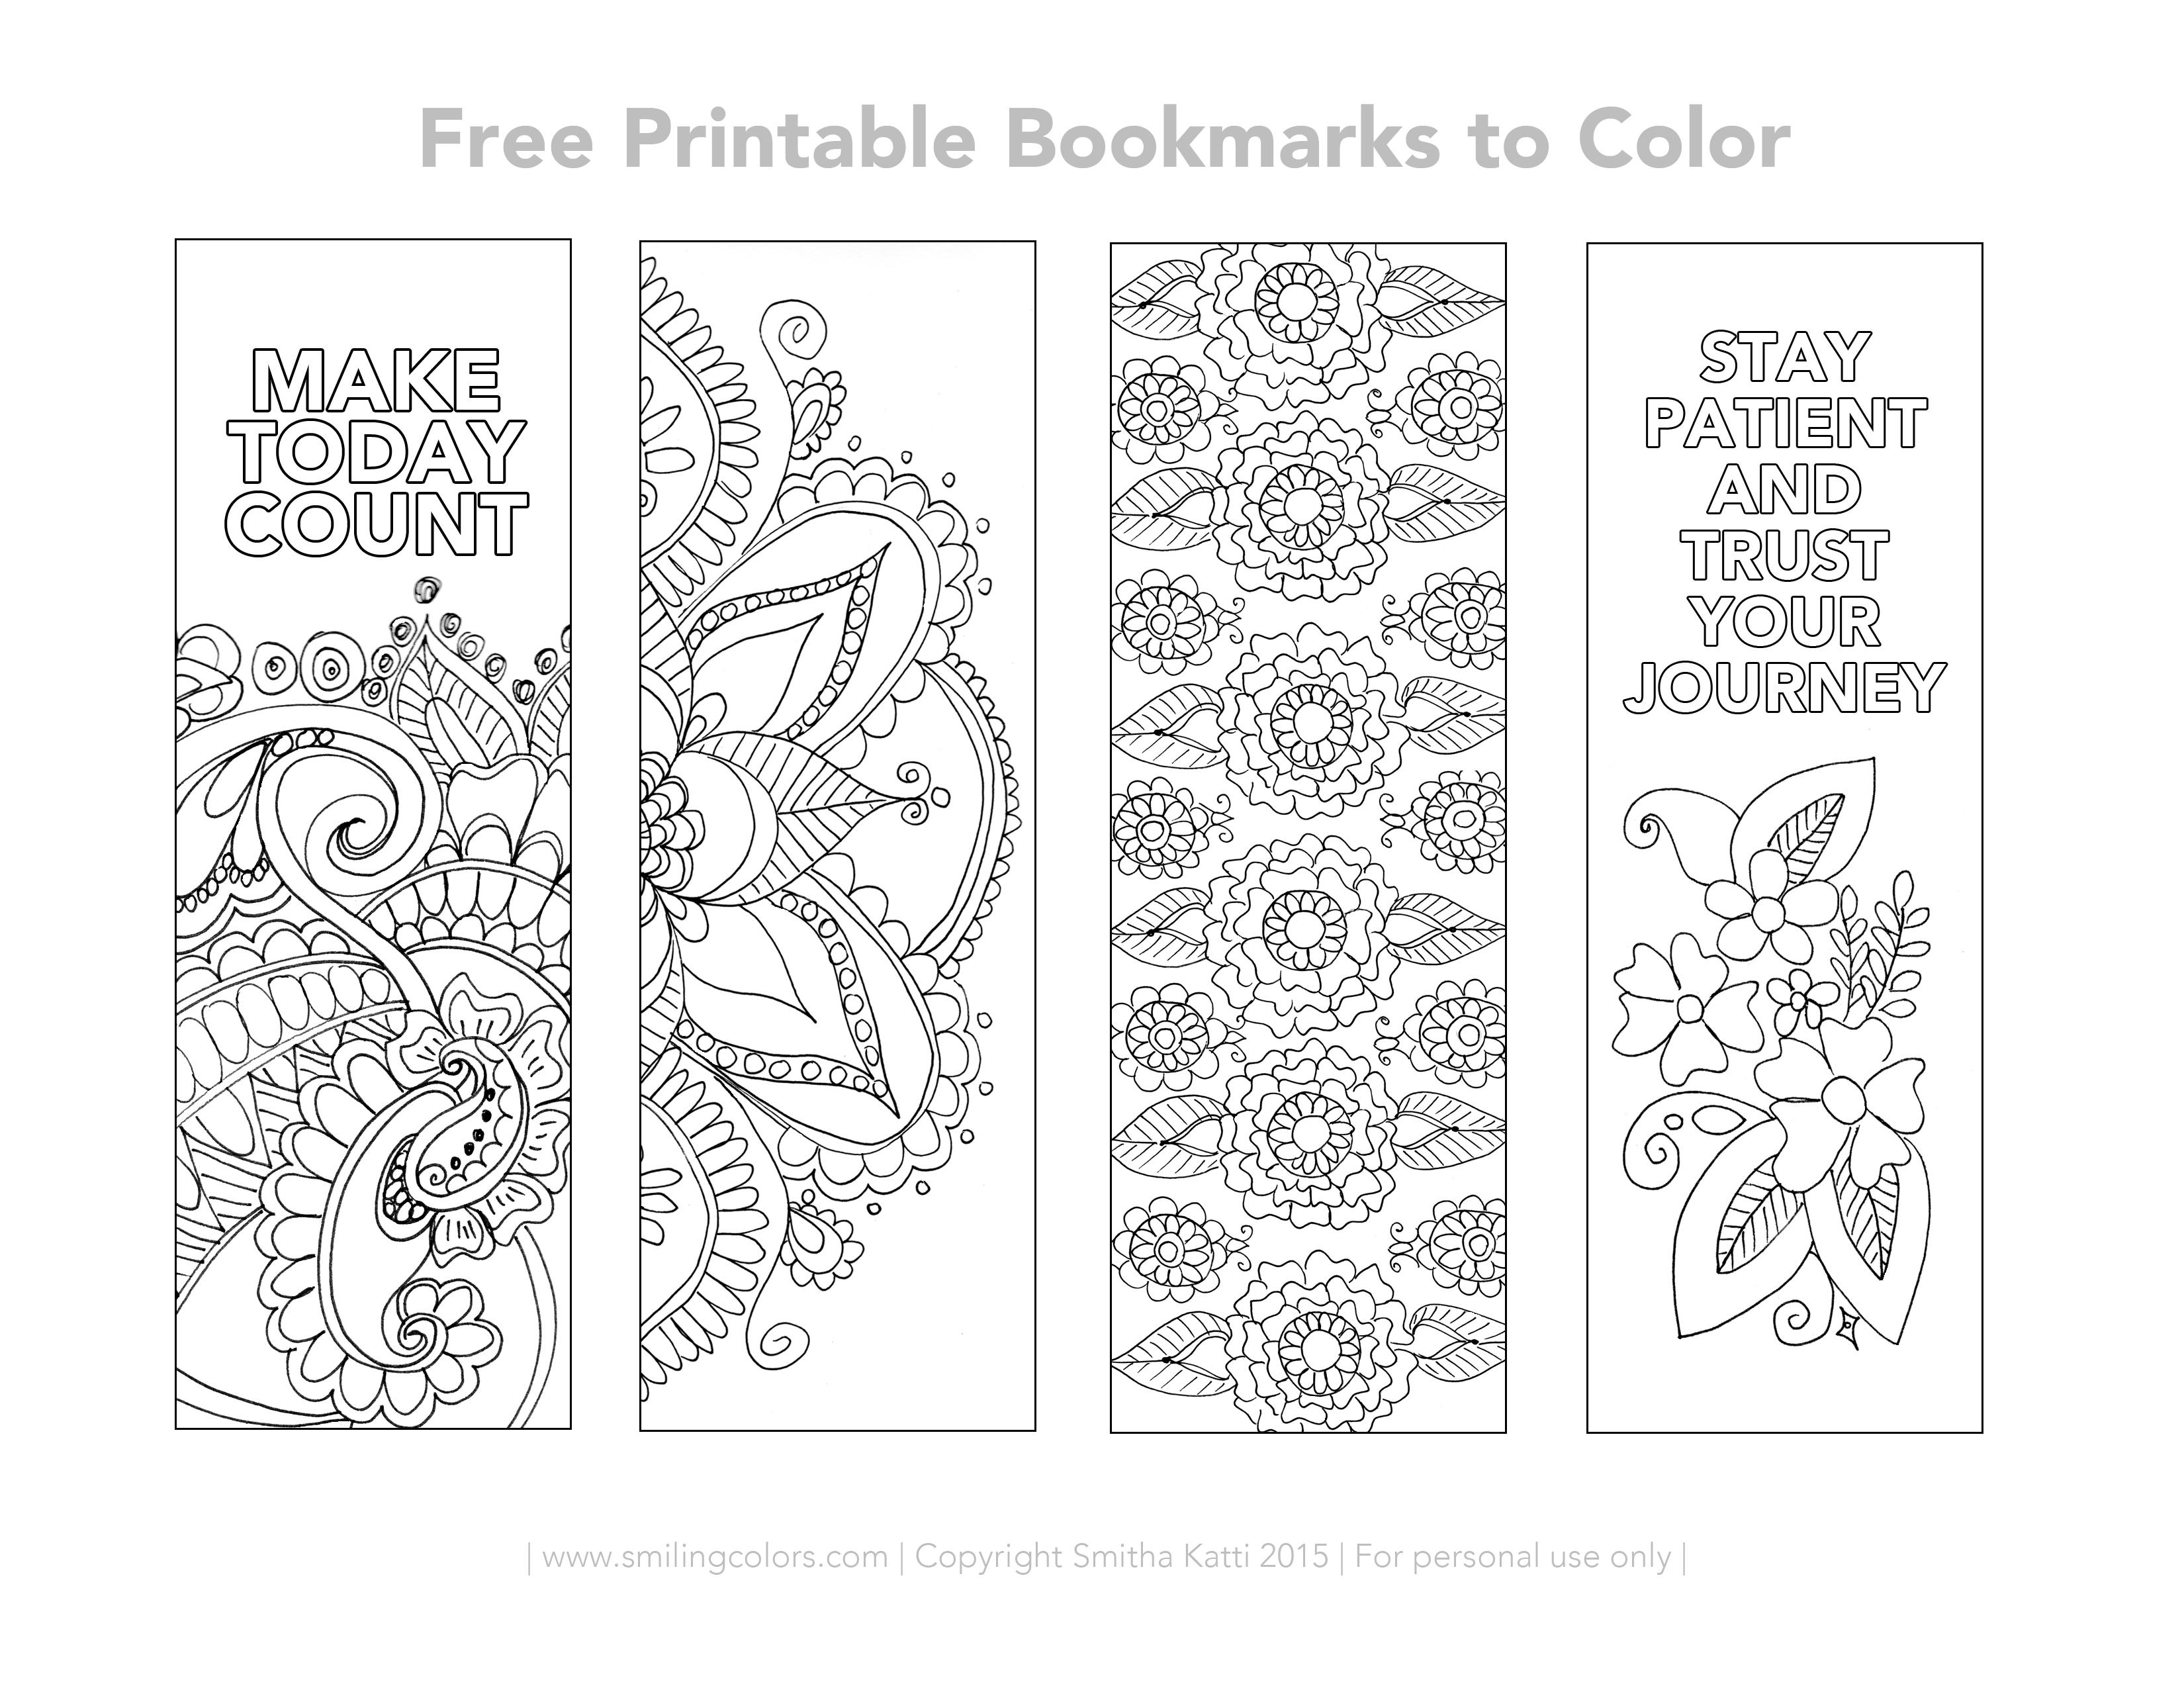 Free Printable Bookmarks To Color - Smitha Katti - Free Printable Spring Bookmarks